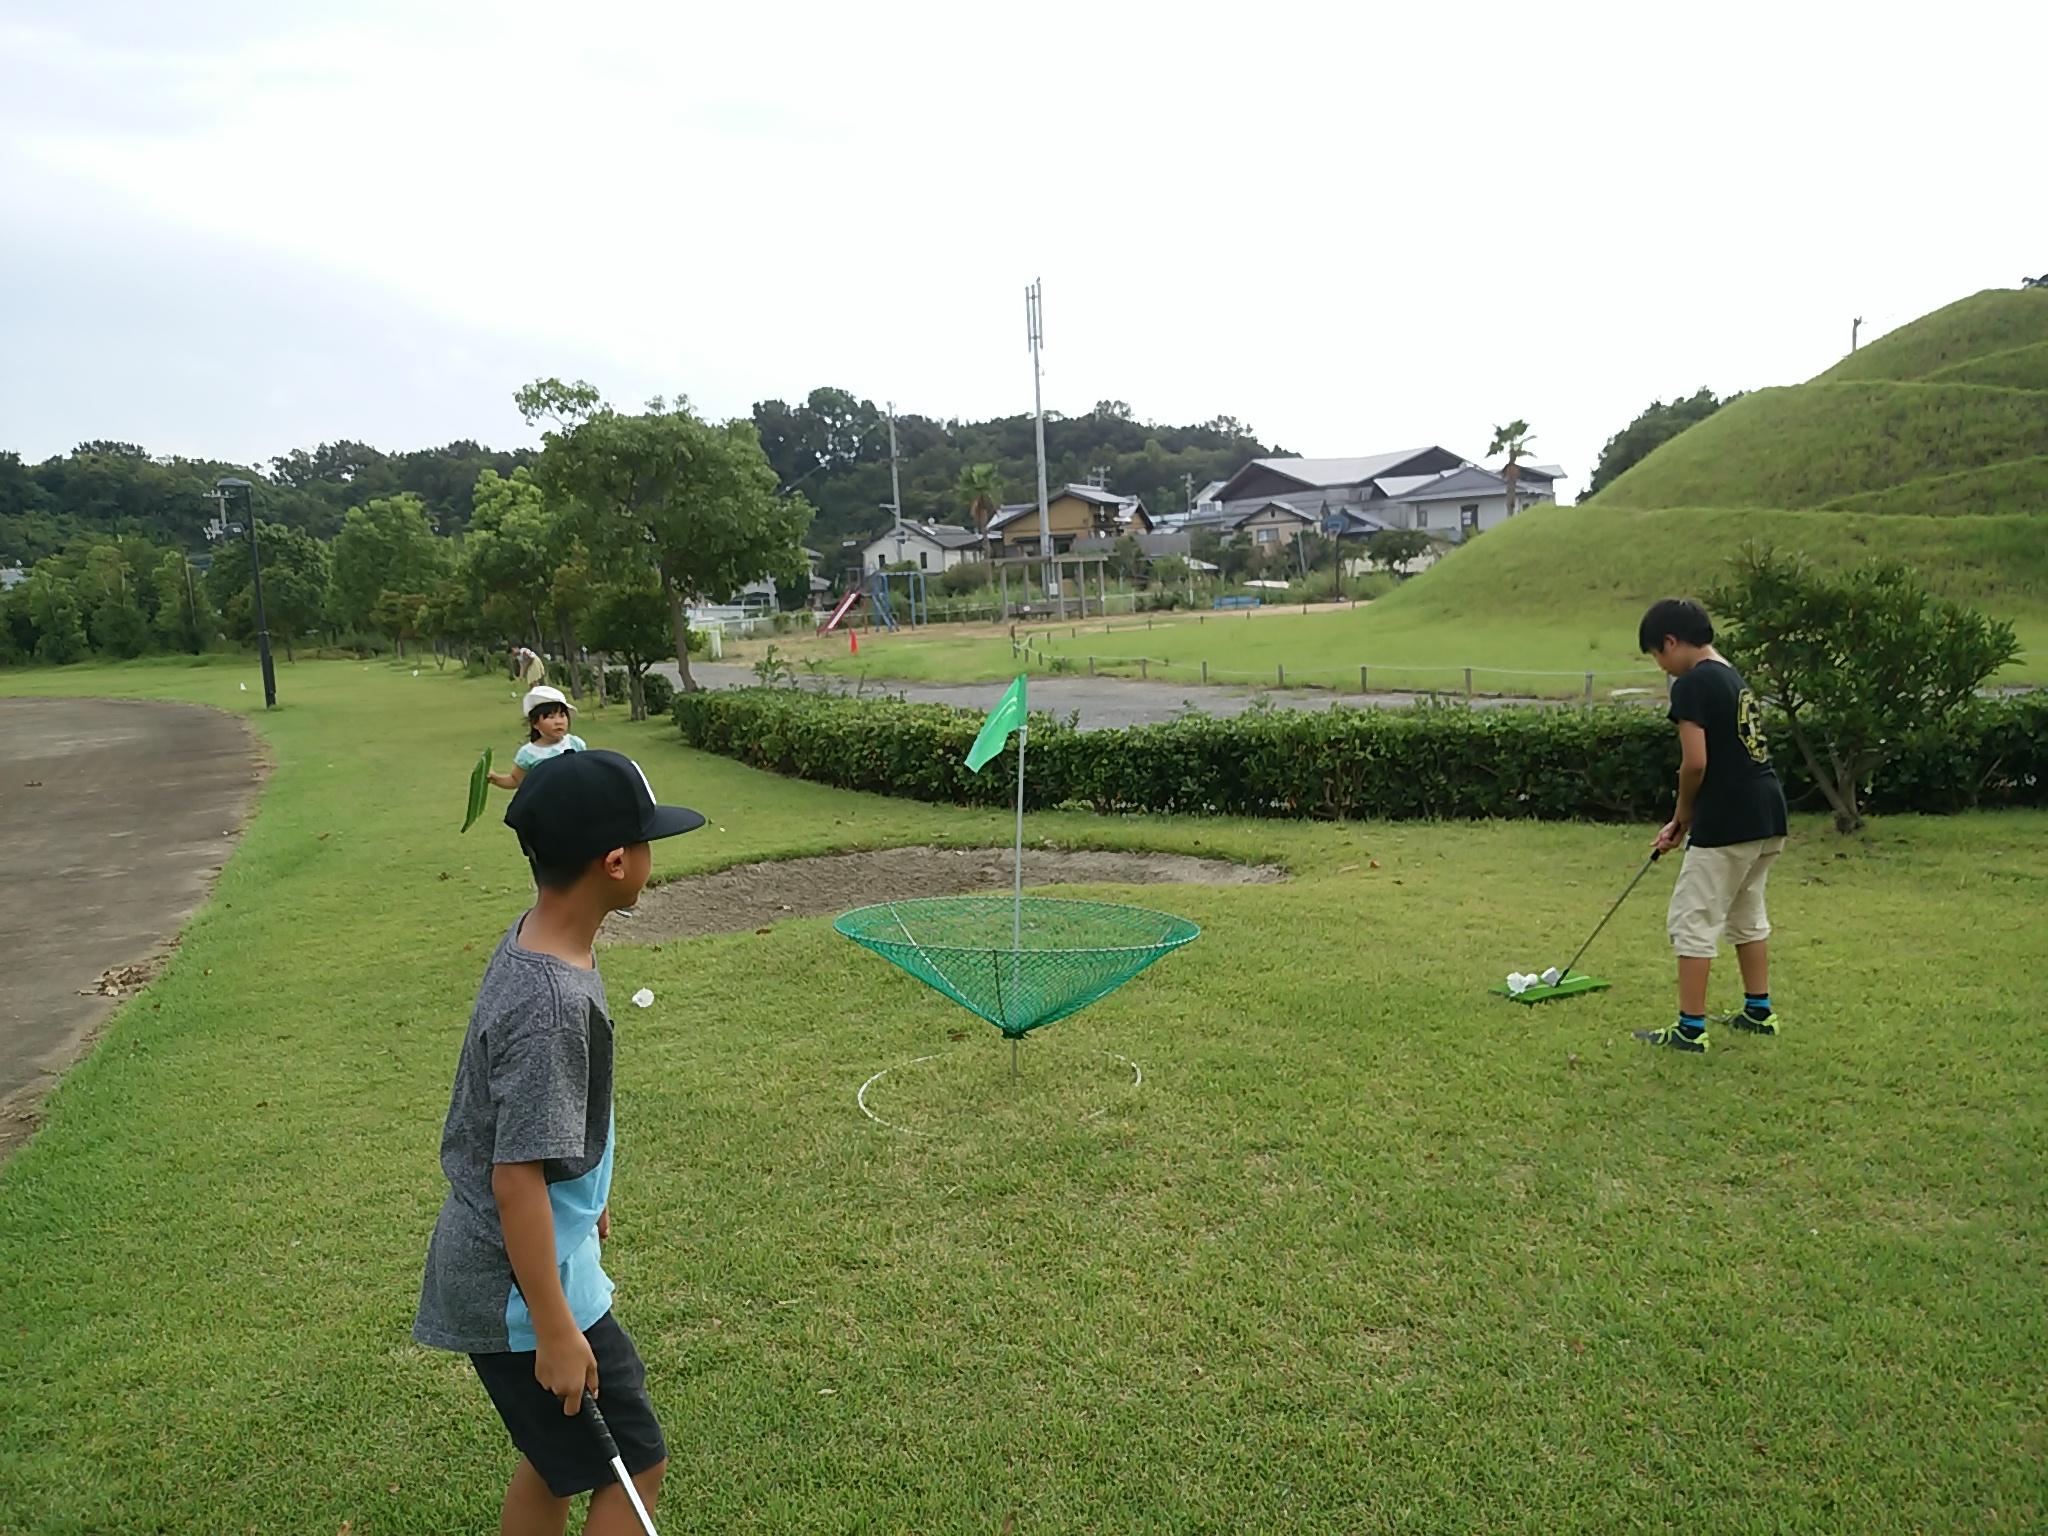 香川県の子供と遊べるパークゴルフ場やターゲット パター パットゴルフ